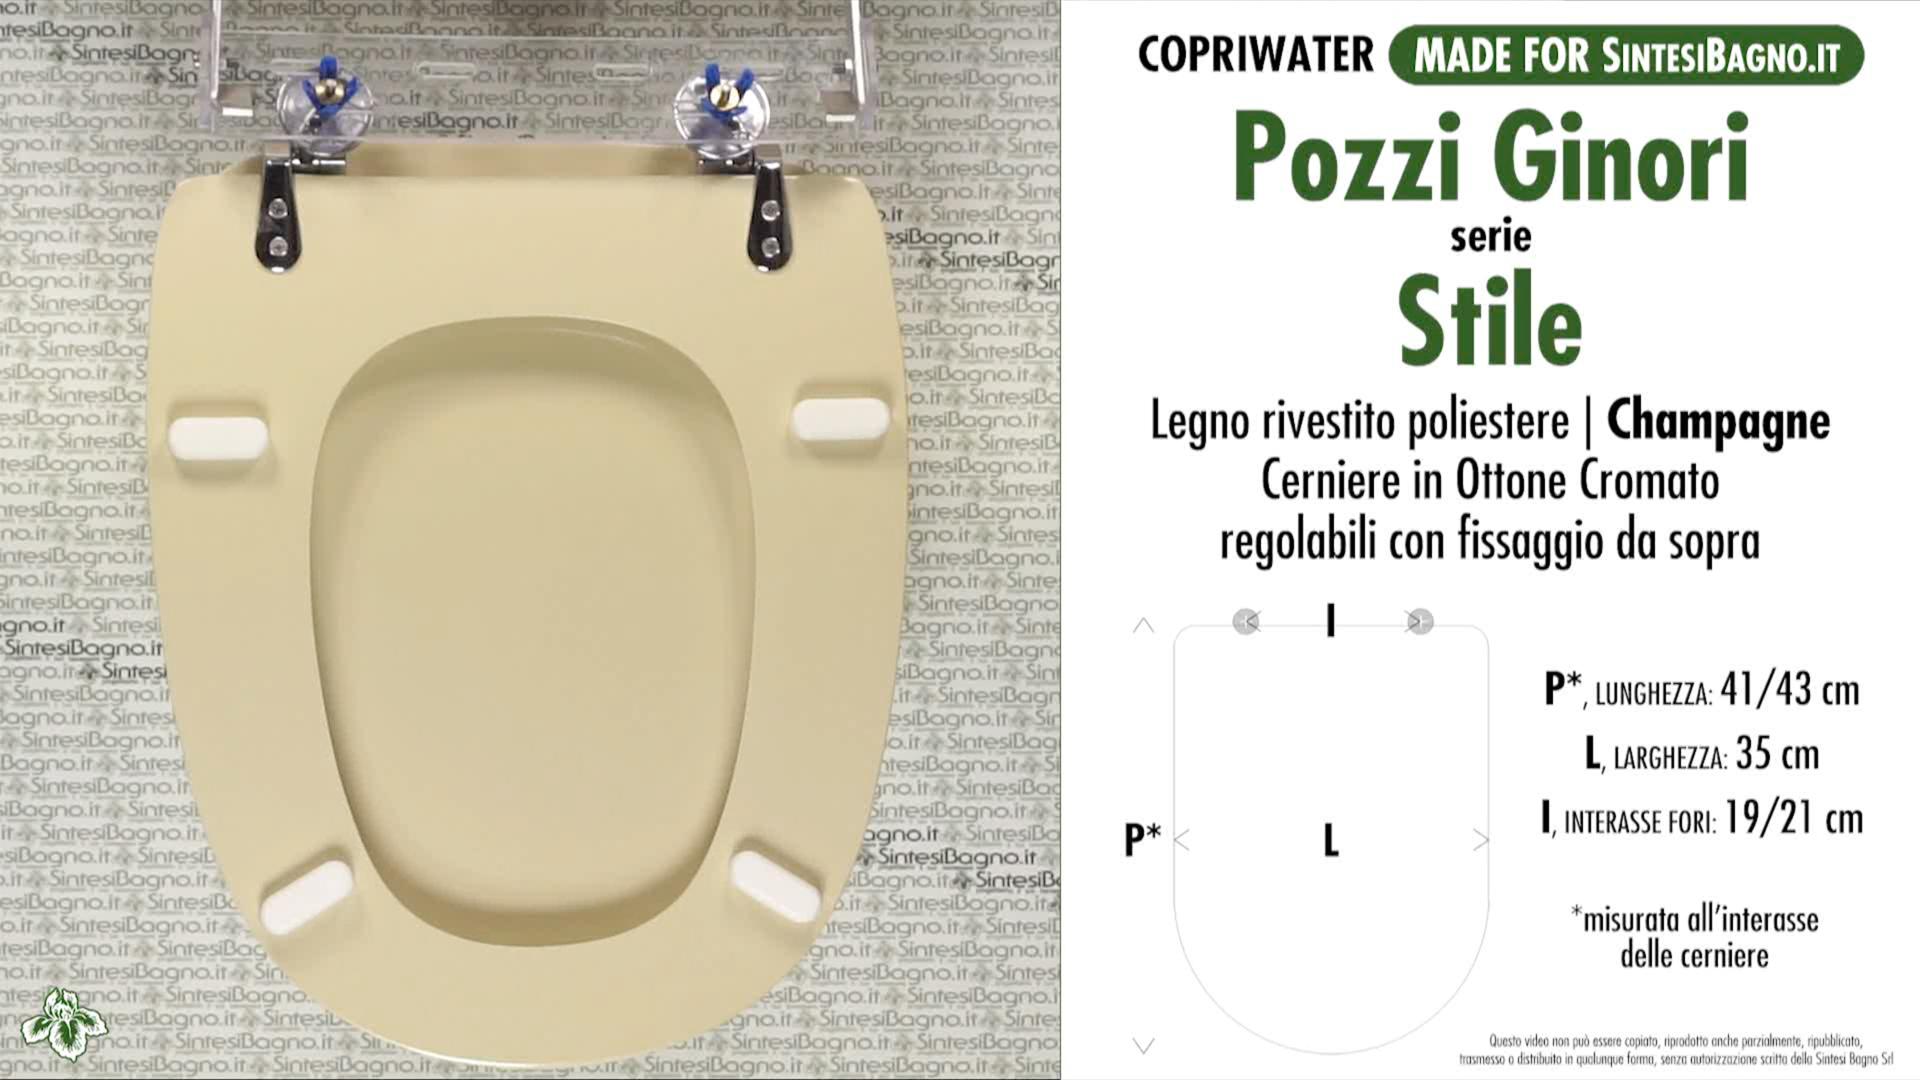 SCHEDA TECNICA MISURE copriwater POZZI GINORI STILE